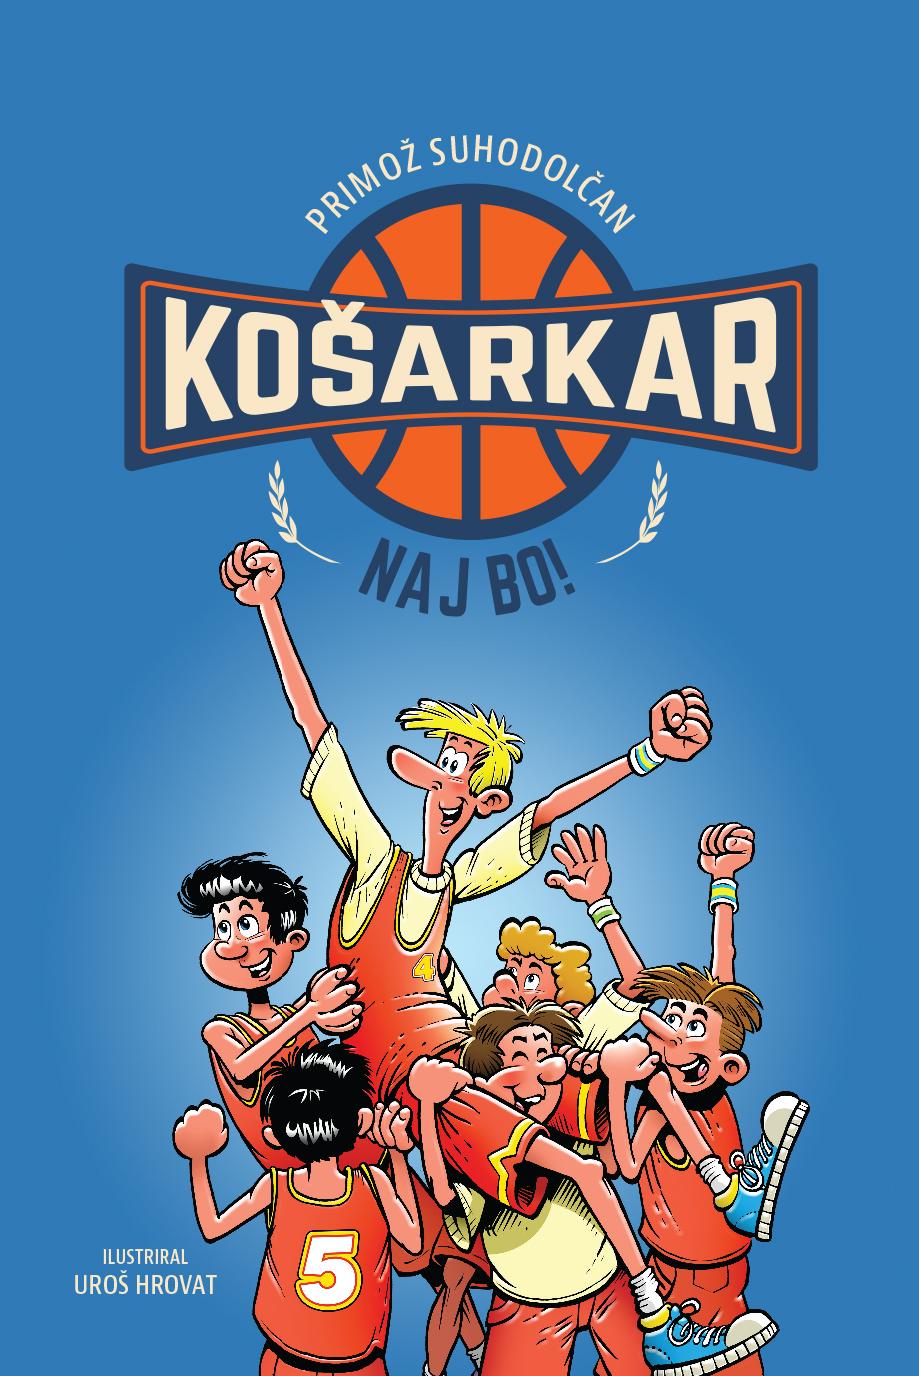 Košarkar naj bo 2017 - prenovljena izdaja najbolj brane mladinske knjige